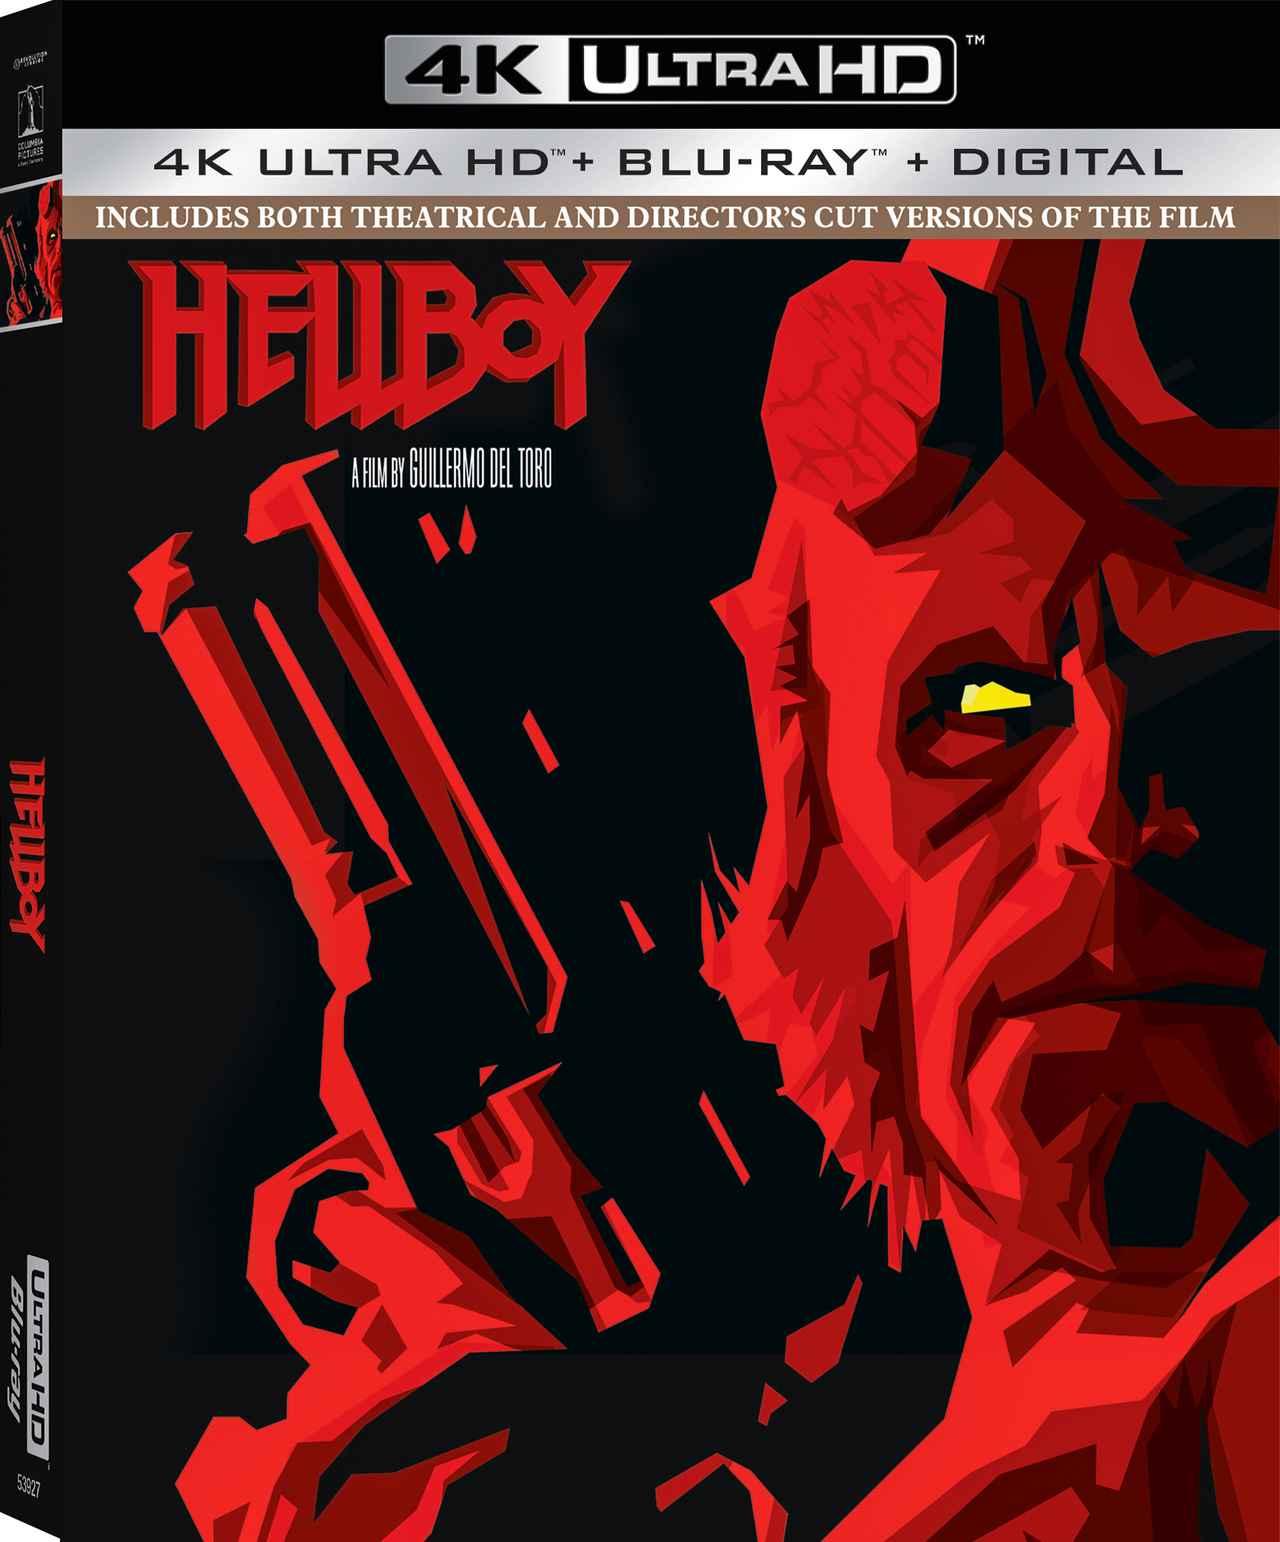 画像: デル・トロ監督作を4Kリマスター&アトモスで『ヘルボーイ:15周年記念版』【海外盤Blu-ray発売情報】